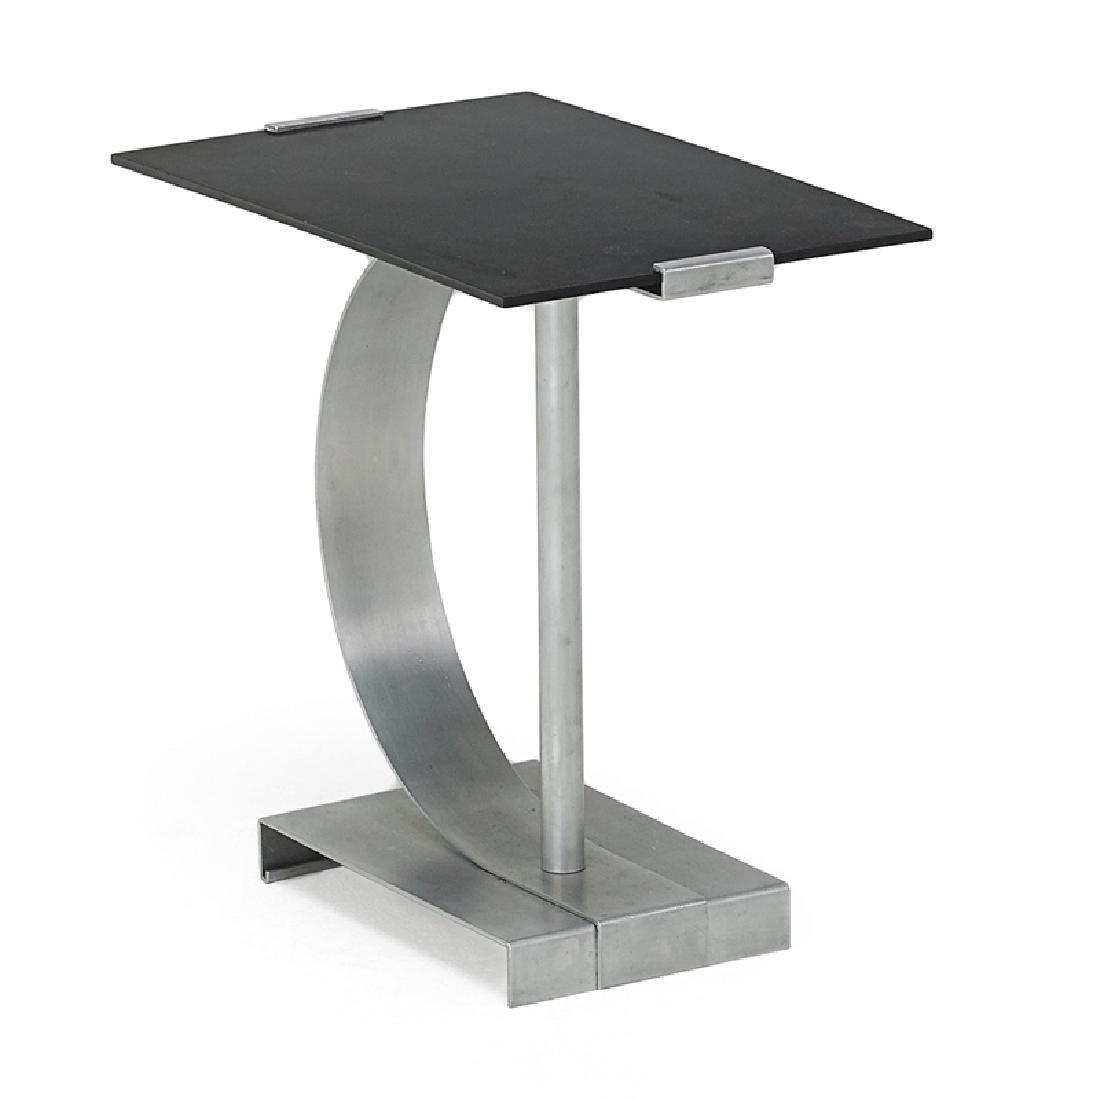 WALTER VON NESSEN Side table